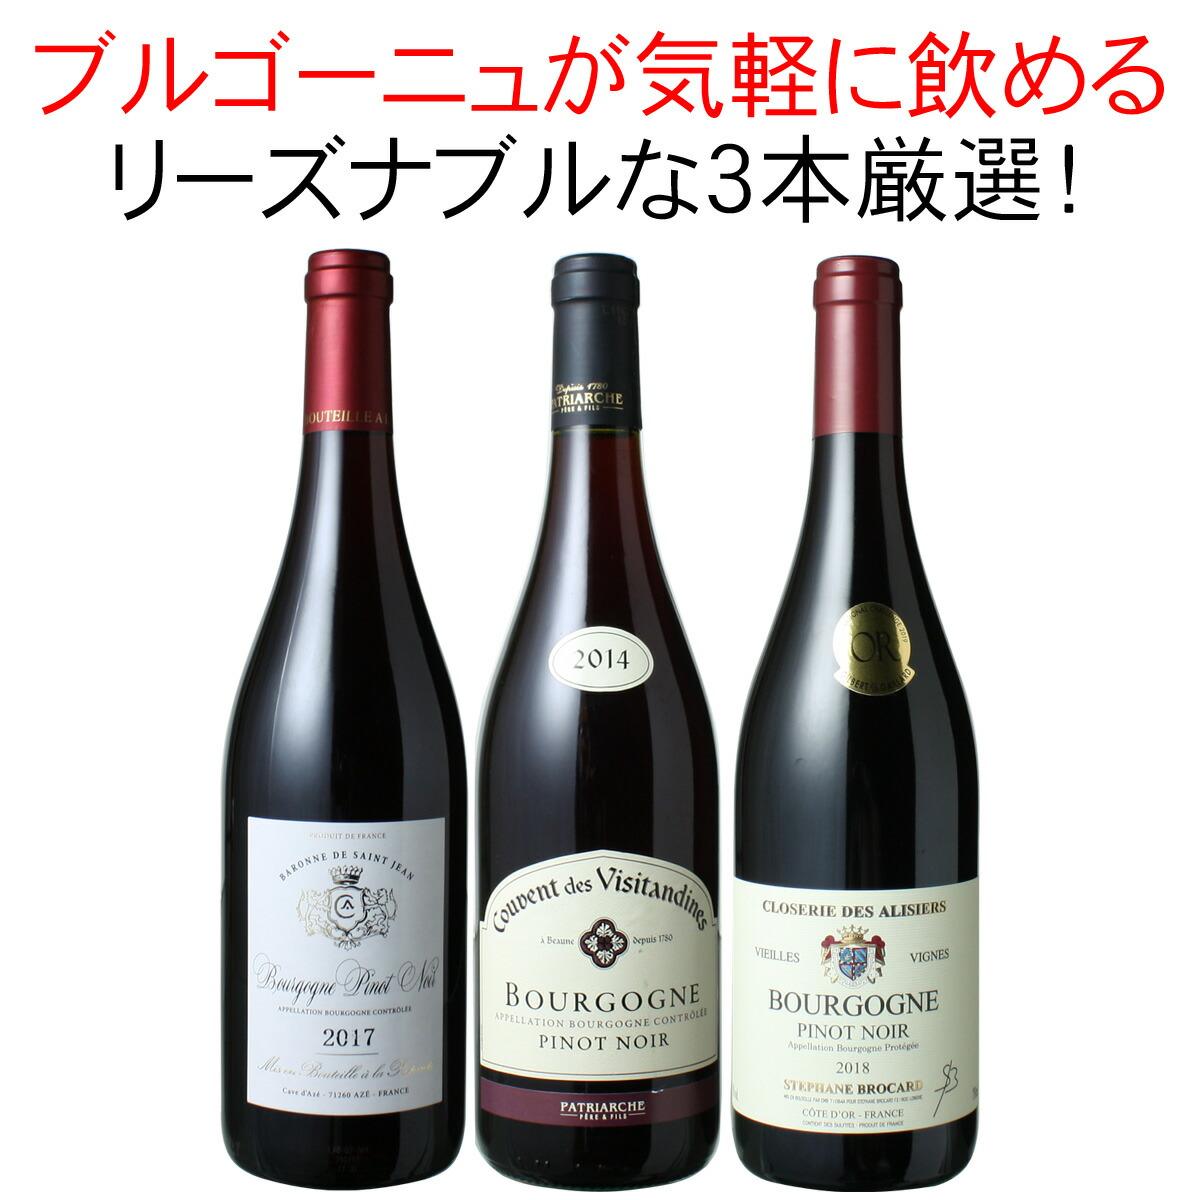 ワインセット ブルゴーニュ 3本 セット 赤ワイン ピノ・ノワール お気軽ブルゴーニュ 家飲み 御祝 誕生日 ハロウィン ギフト プレゼント